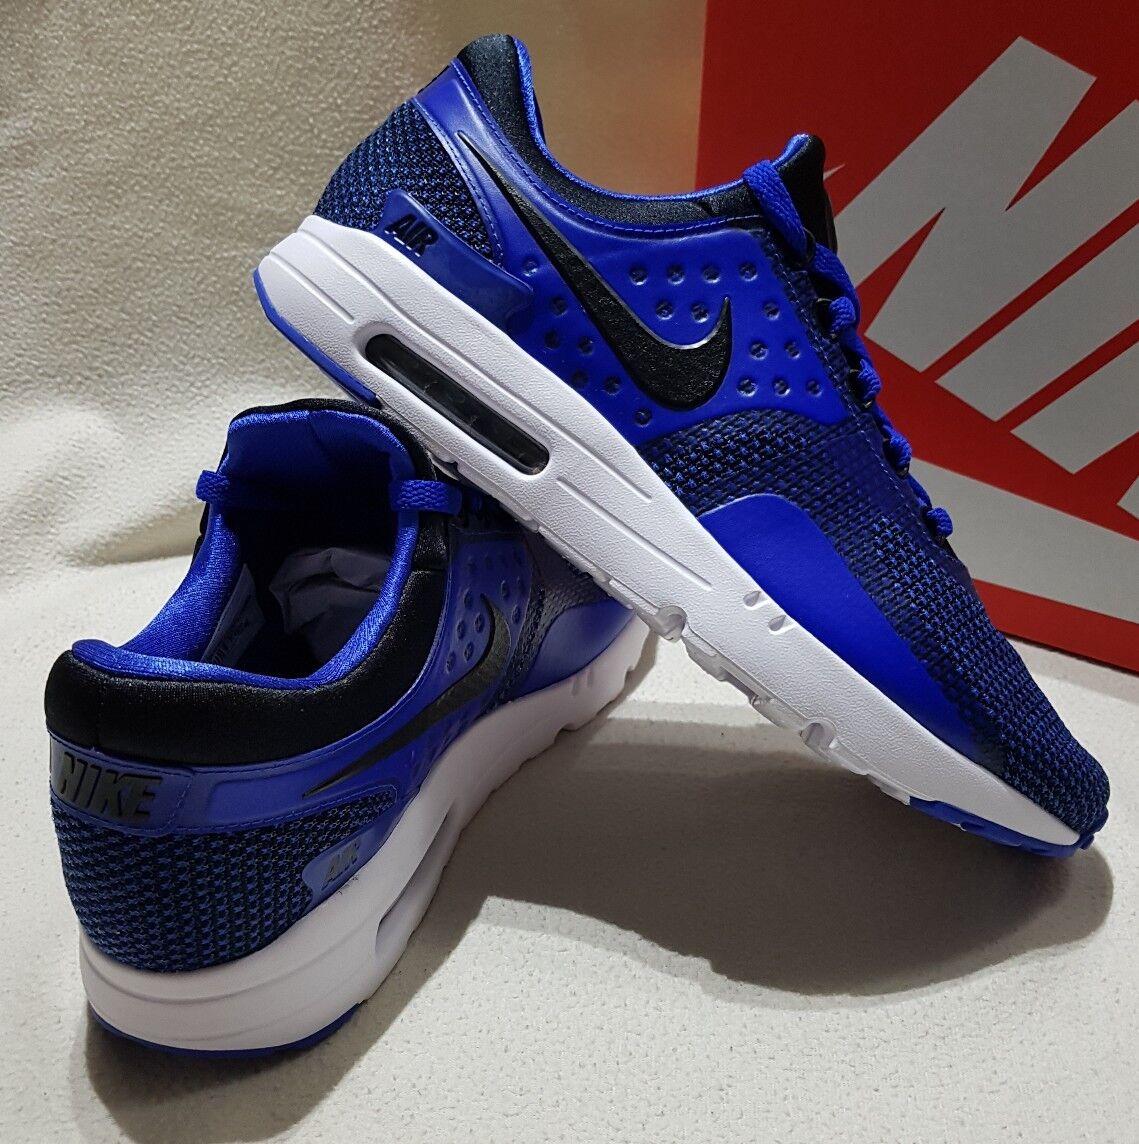 NIKE AIR MAX 876070 ZERO ESSENTIAL Hommes TRAINERS Baskets bleu 876070 MAX 001 -10 c08a78